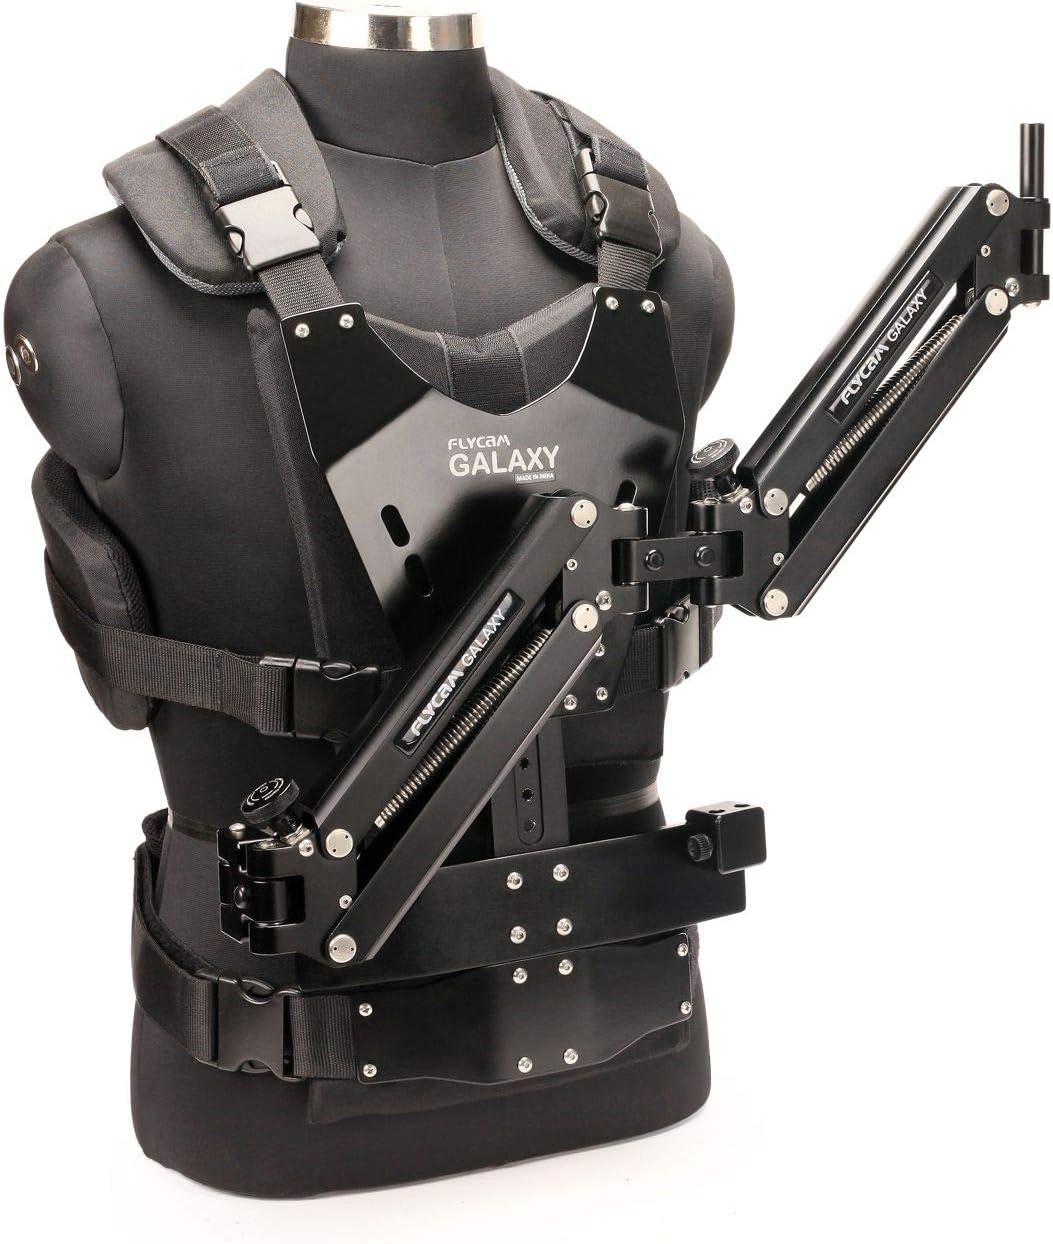 FLYCAM - Brazo dual Galaxy y chaleco Steadycam montado en el cuerpo para el estabilizador de mano para videocámara soporta hasta 10 kg (GLXY-AV)